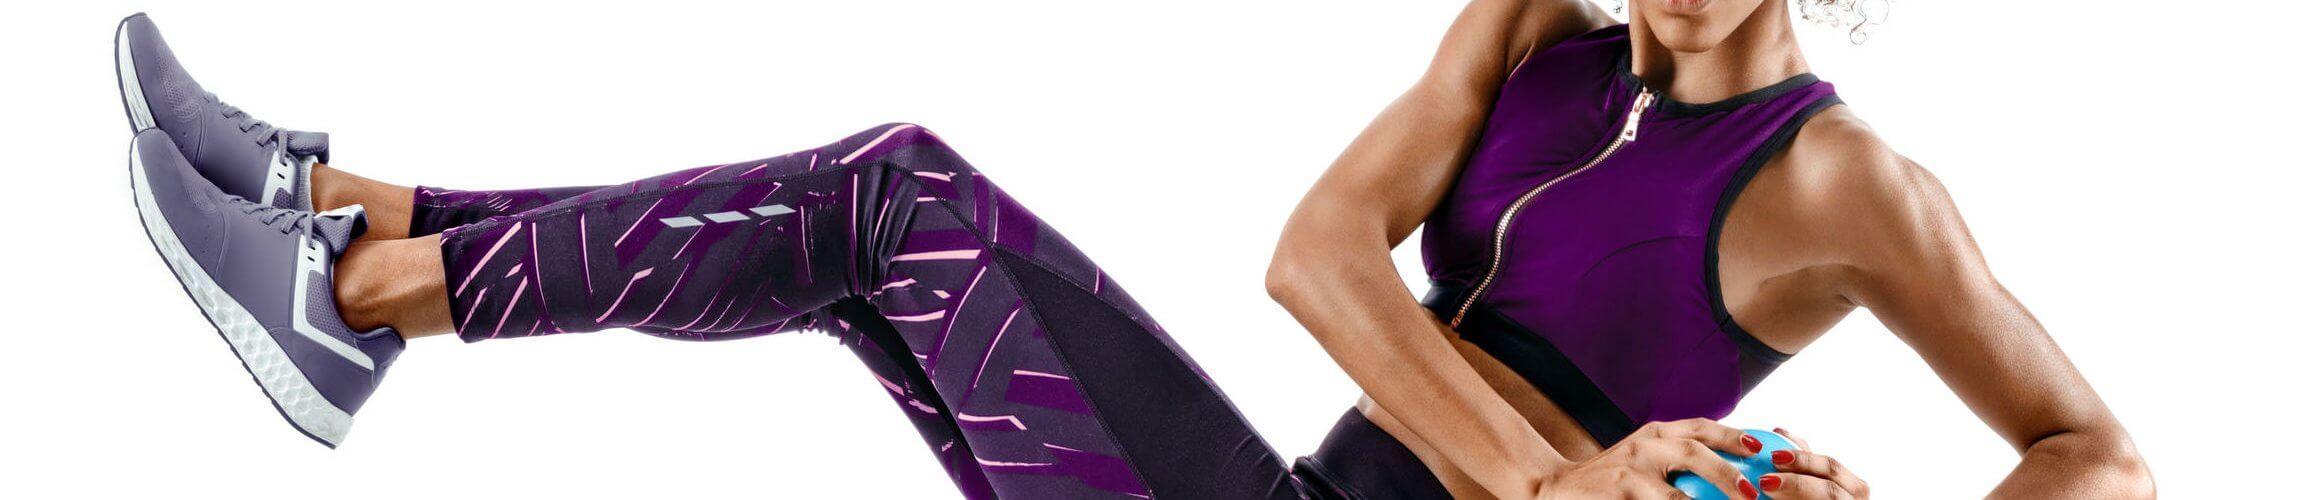 Tee Shirt Gaine Amincissant /à Zip en N/éopr/ène NHEIMA D/ébardeur de Sudation Homme pour Sport Musculation Fort Compression et Transpiration pour Perdre du Poids Minceur